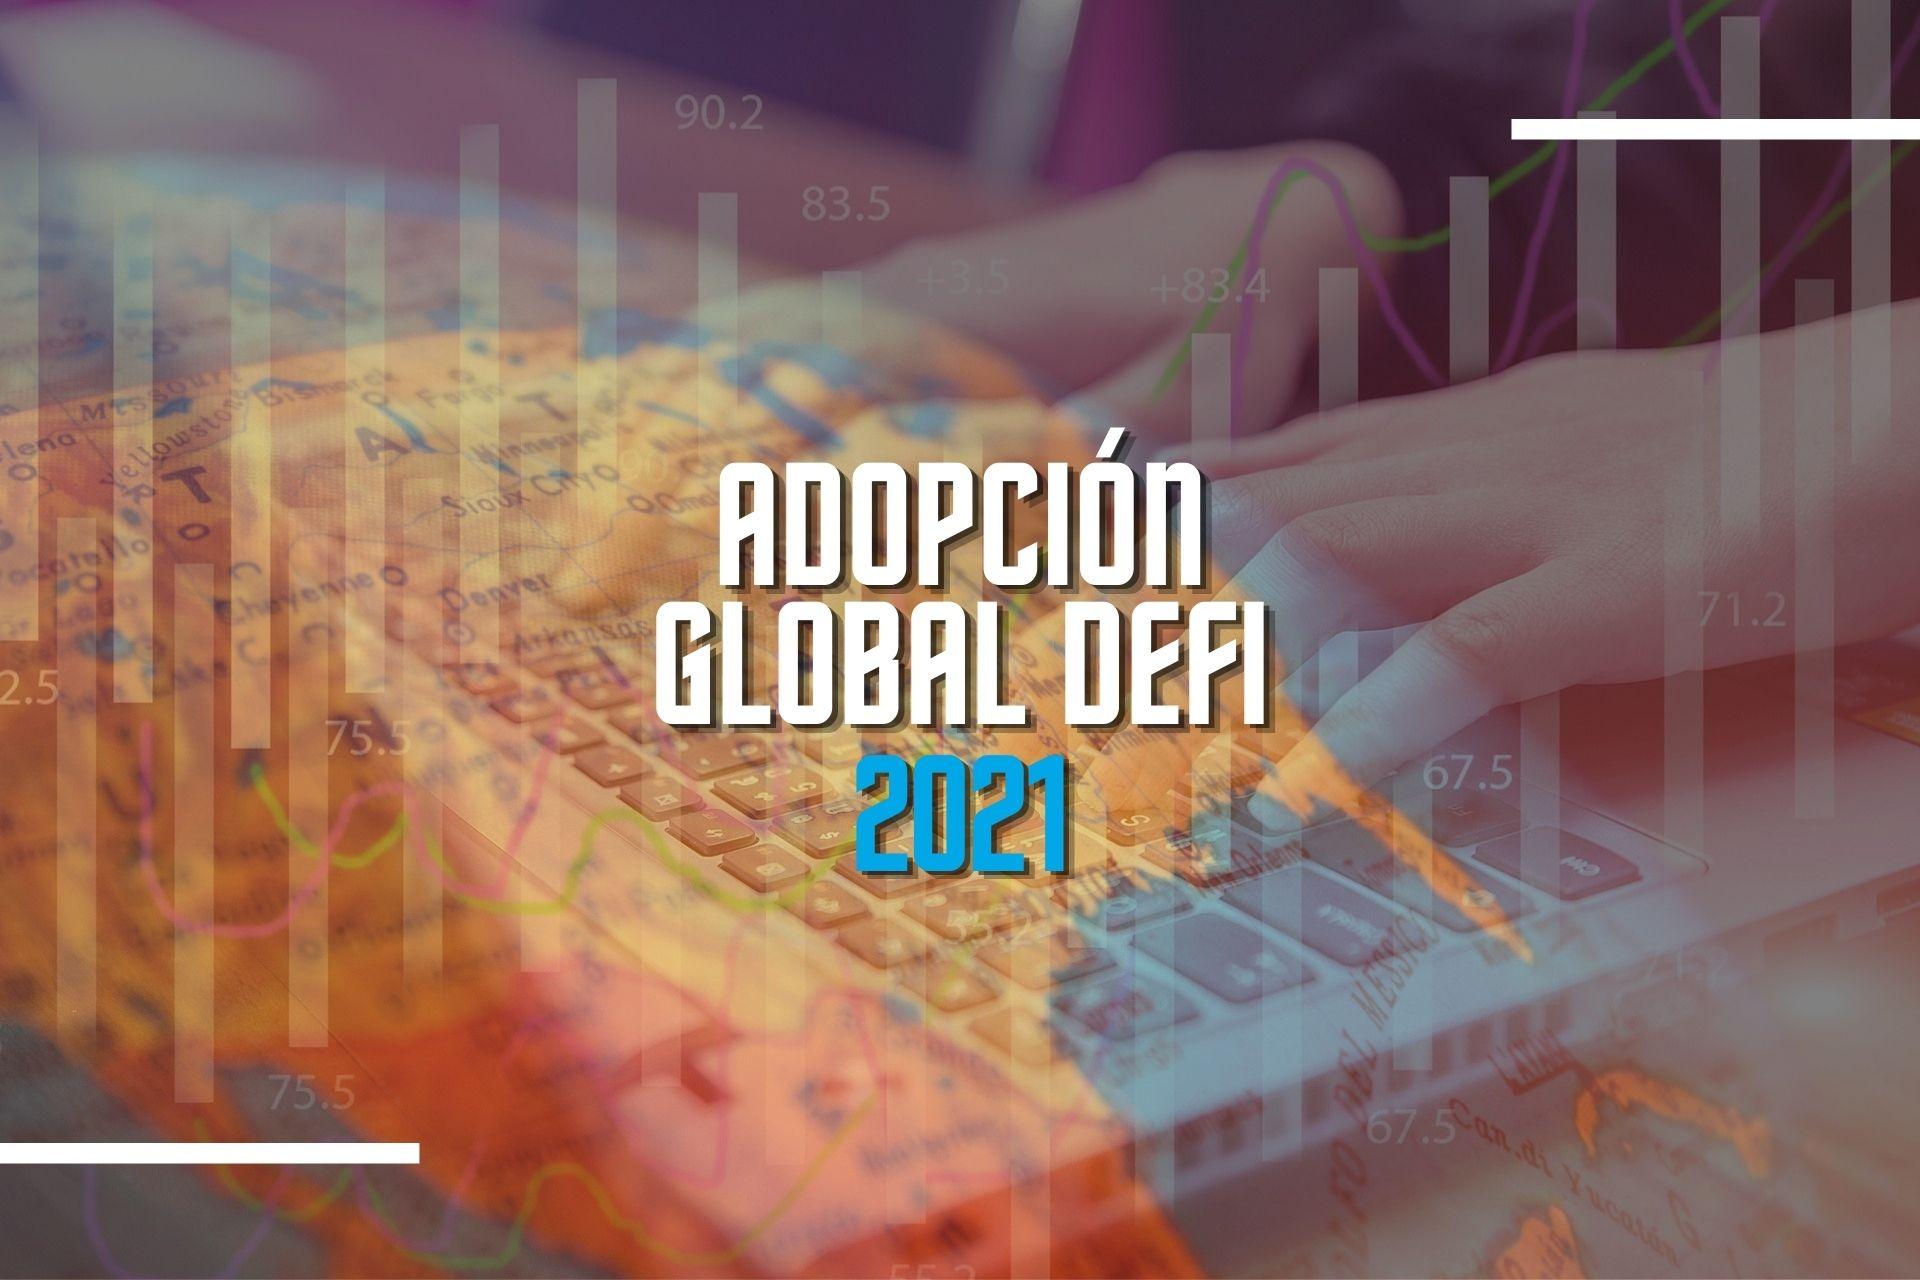 Estados Unidos, Vietnam y Tailandia copan los primeros lugares en el índice de adopción DeFi de la firma Chainalysis, que incluye la presencia de Argentina y Brasil en el top 20